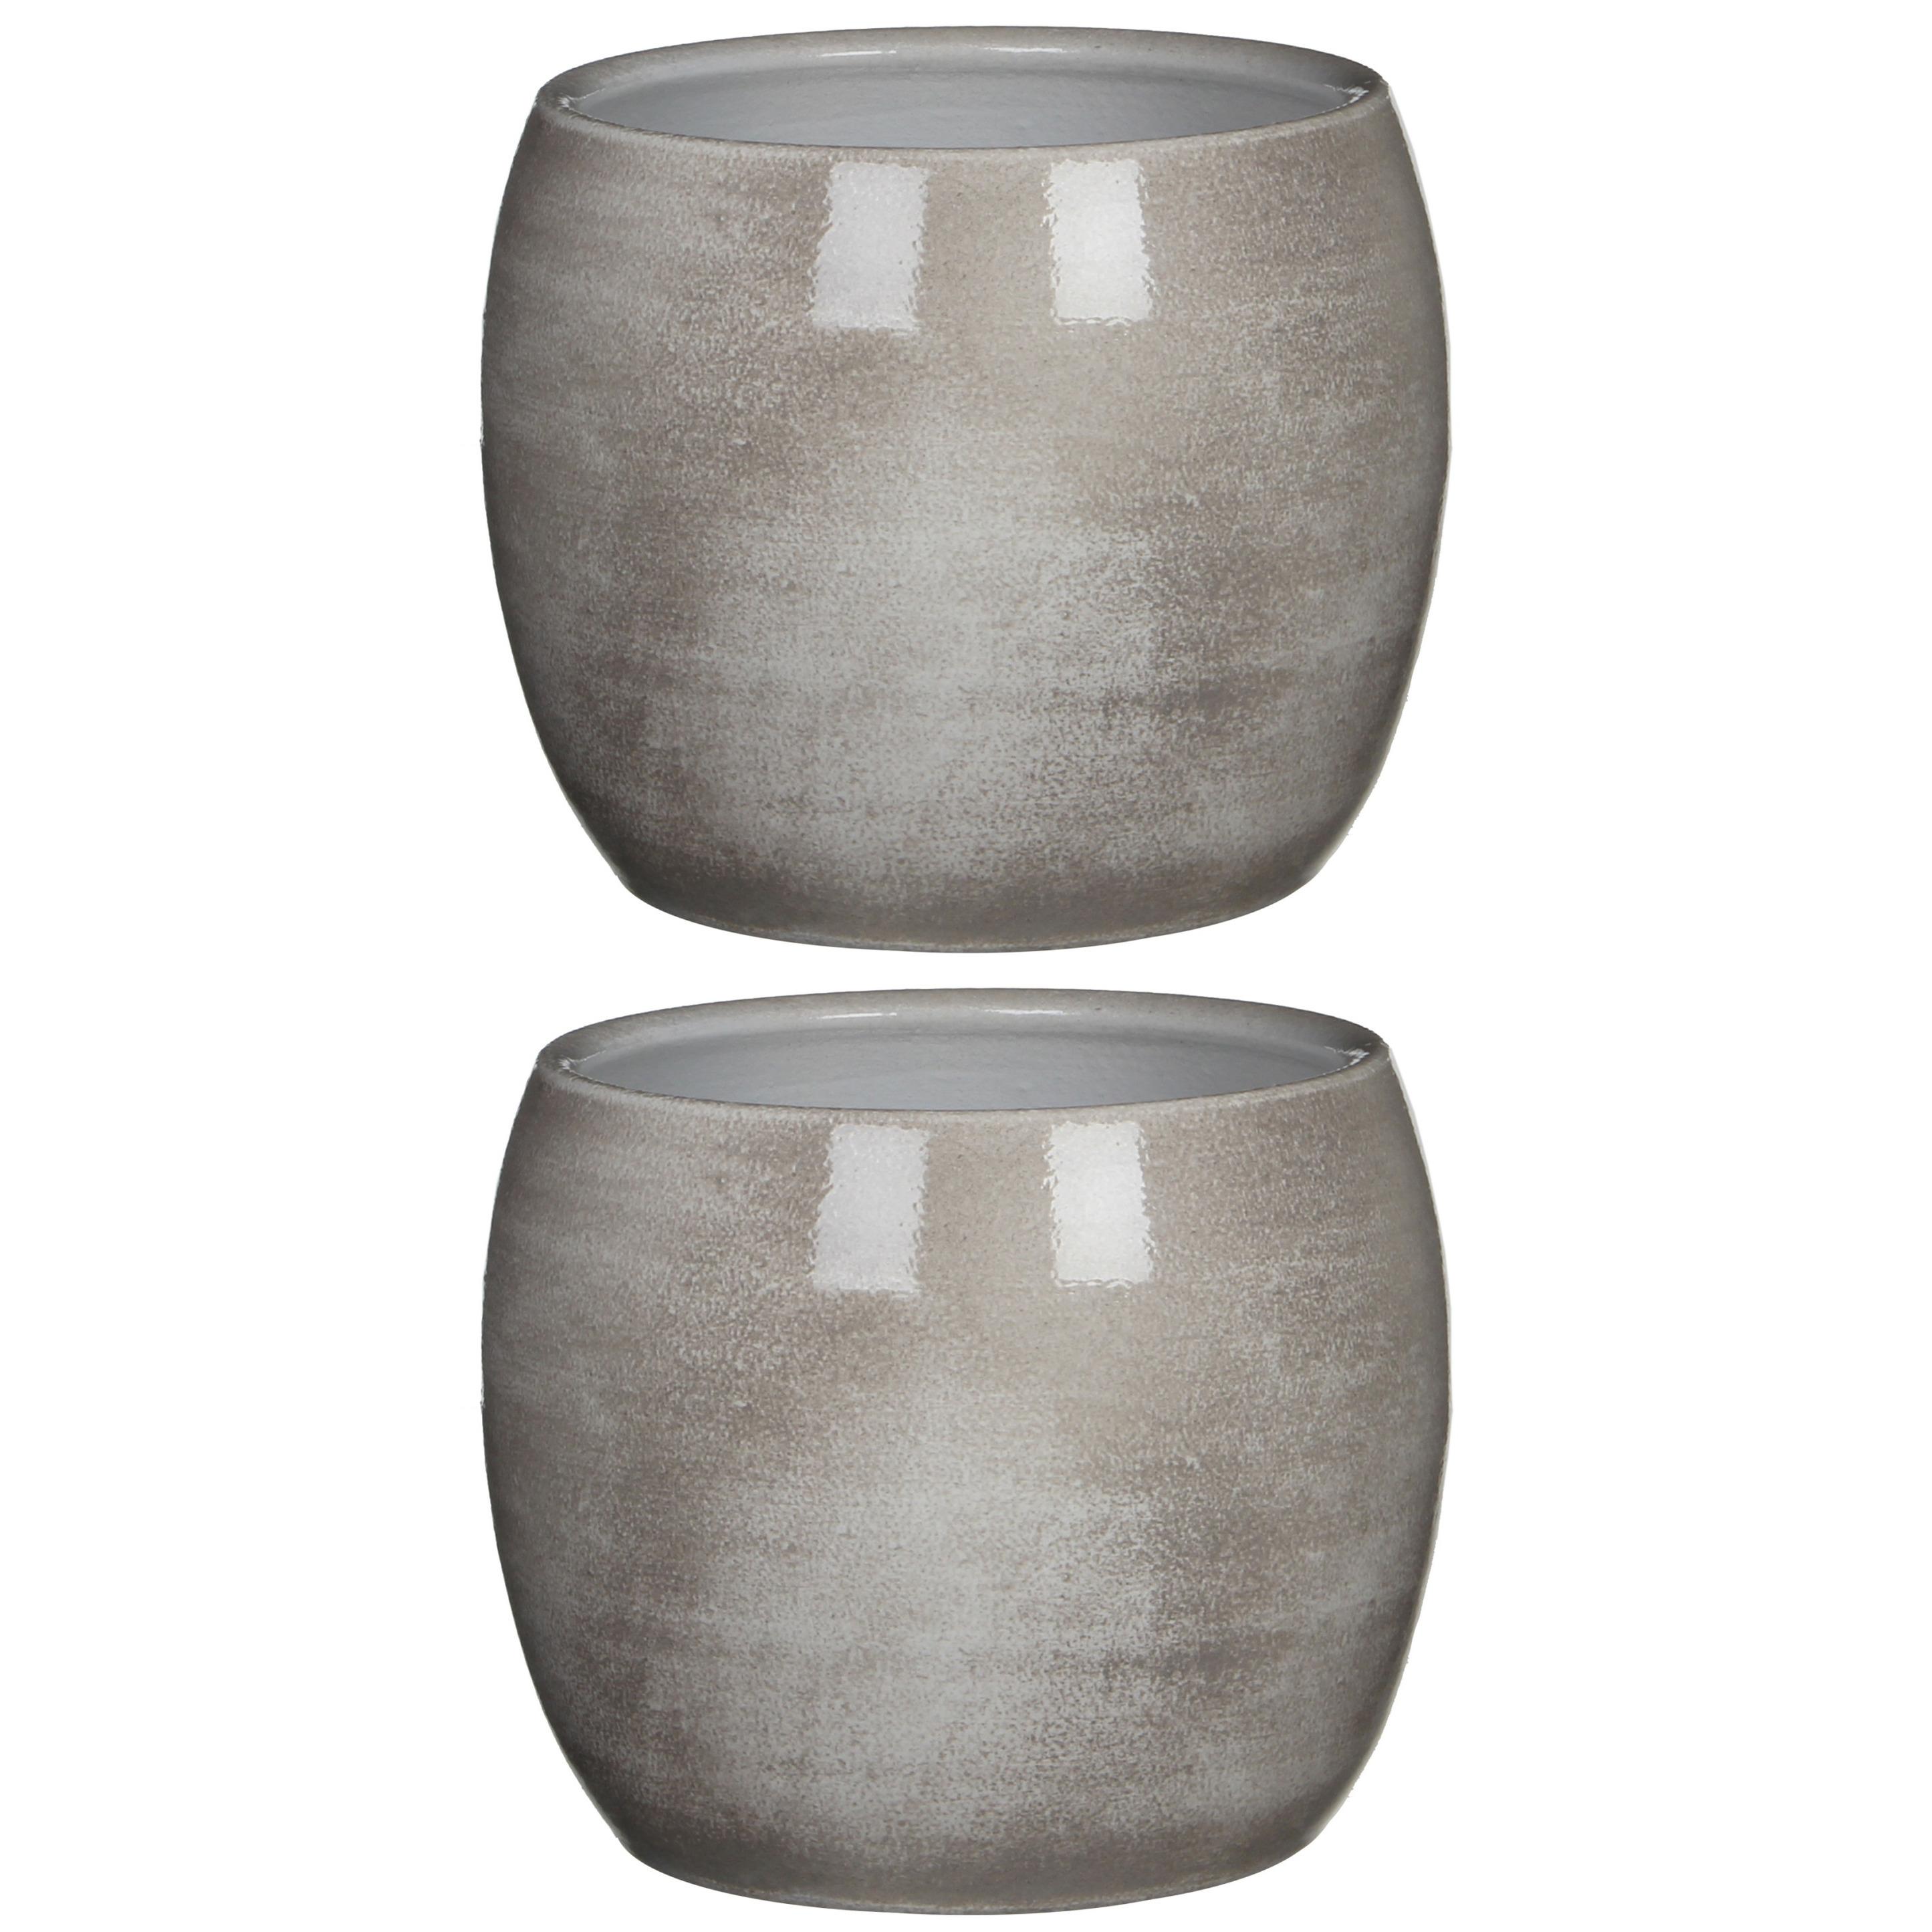 2x stuks bloempot in het shiny lightgrey stone keramiek voor kamerplant H18 x D20 cm -